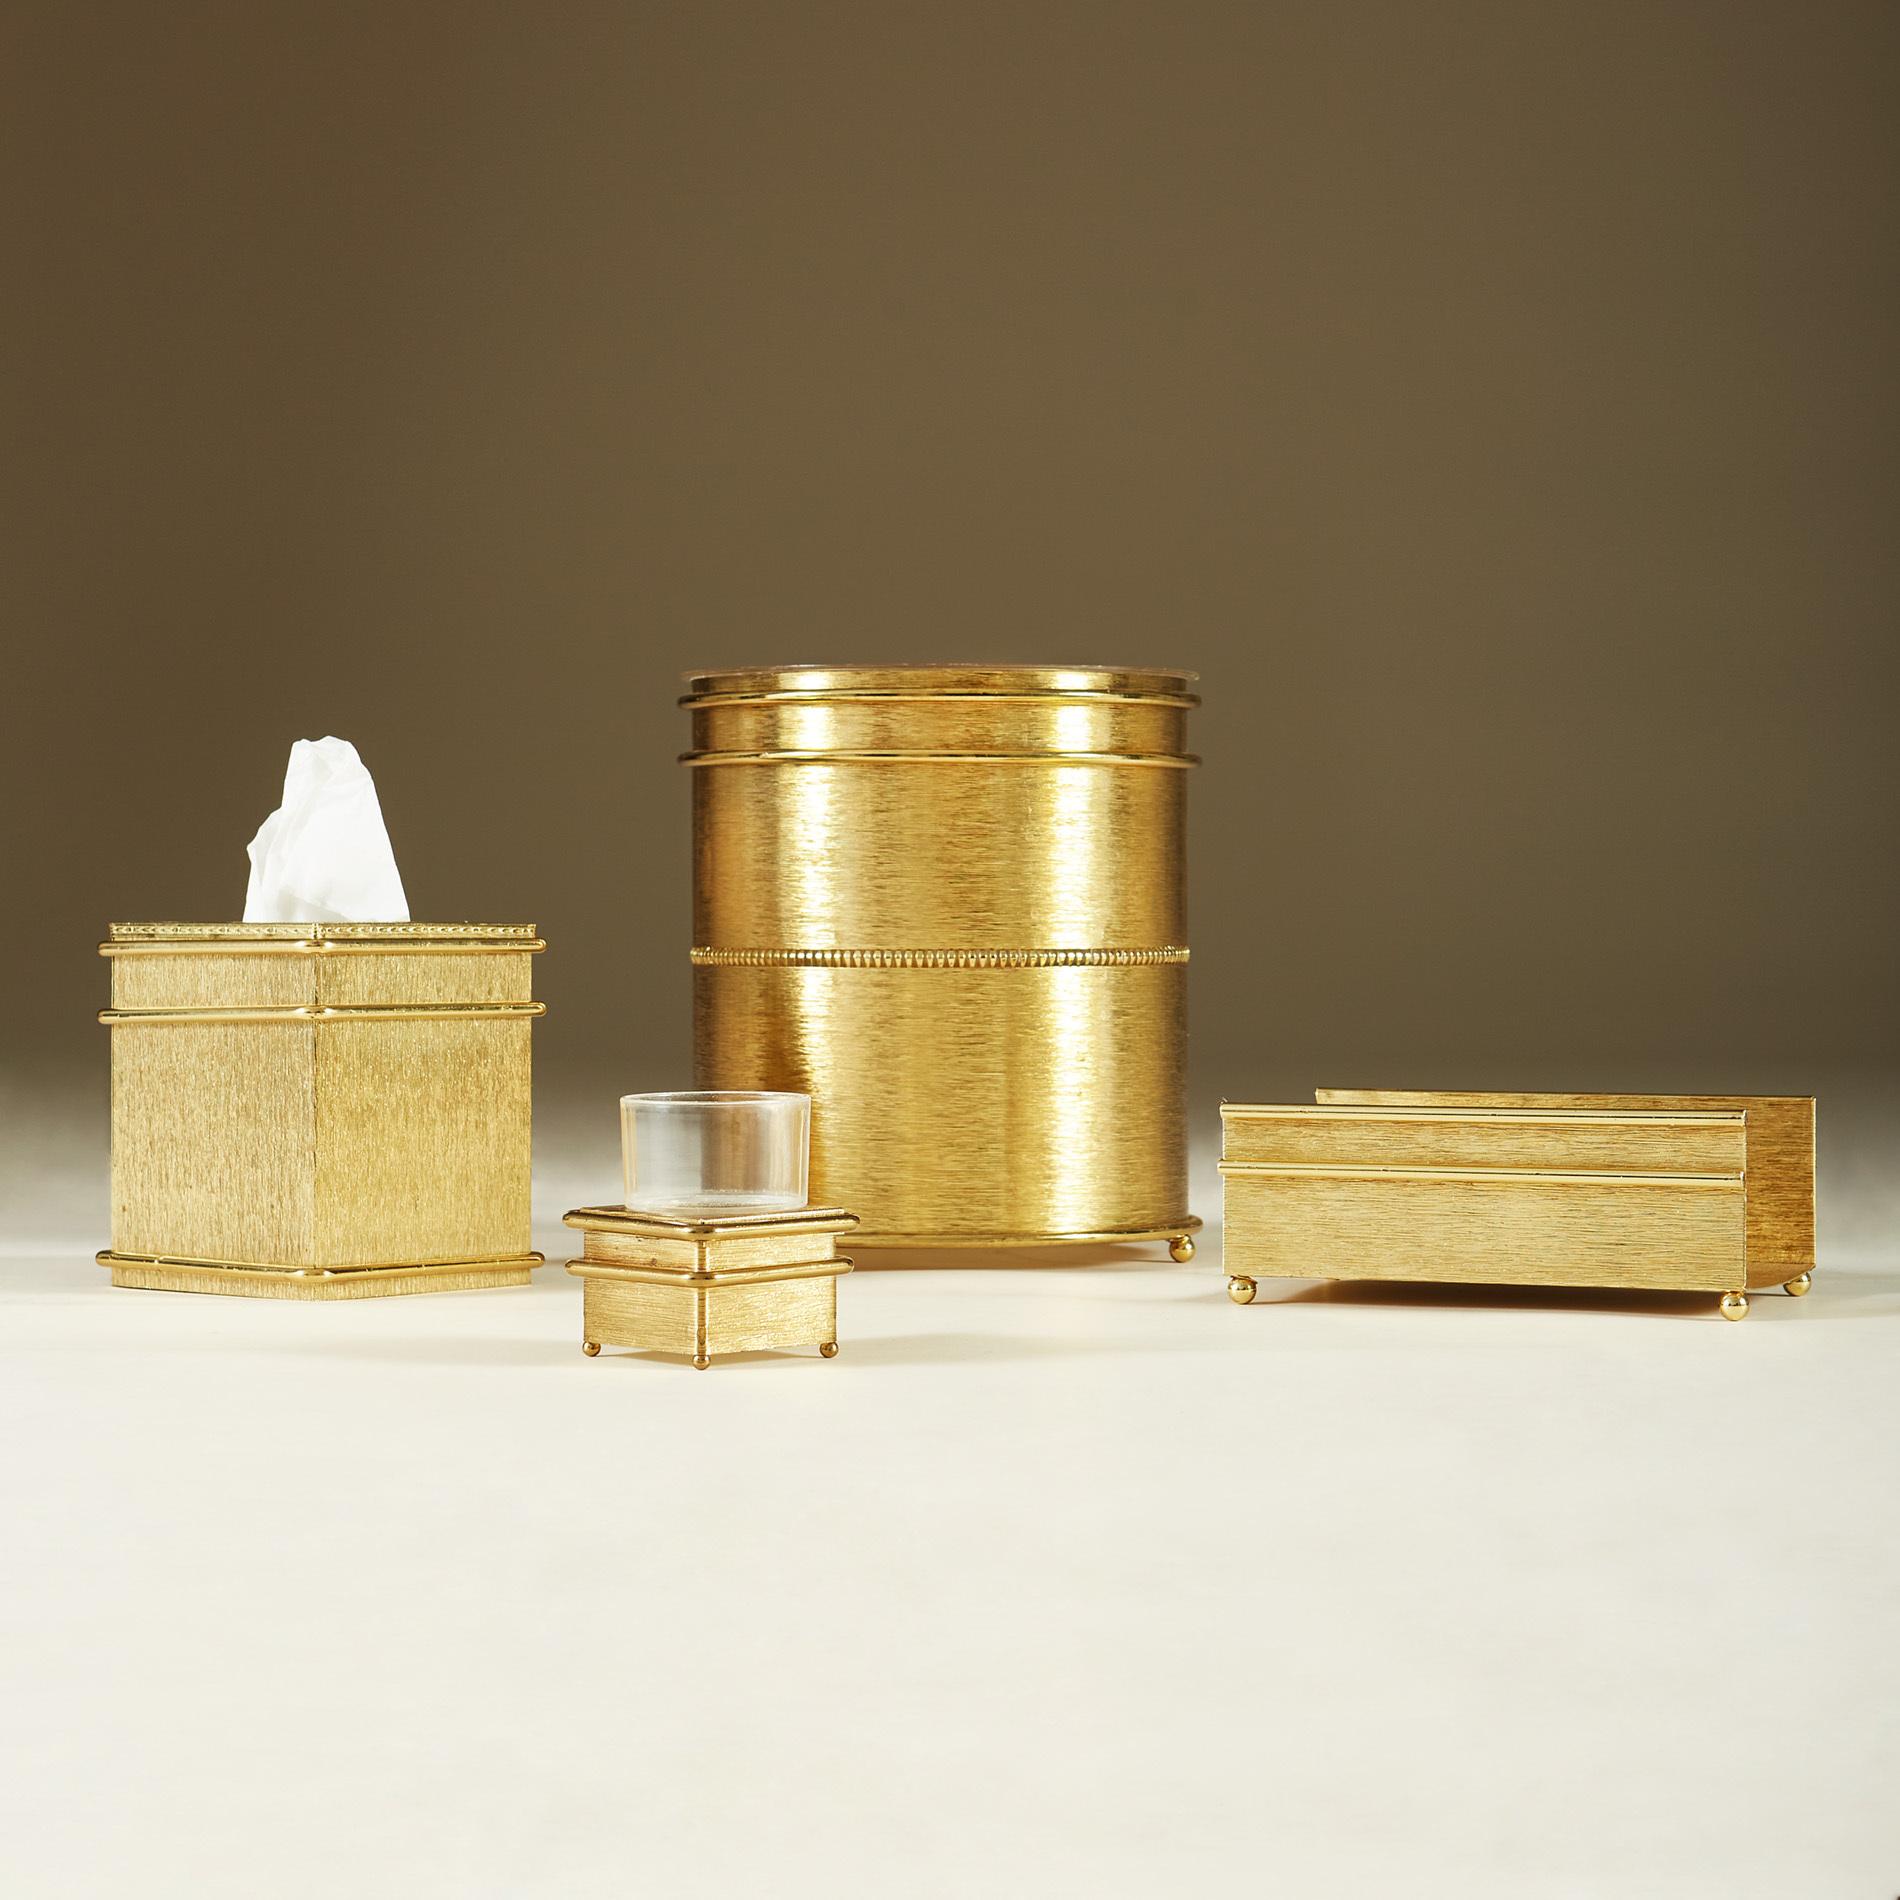 Gold Bathroom Set 189 V1